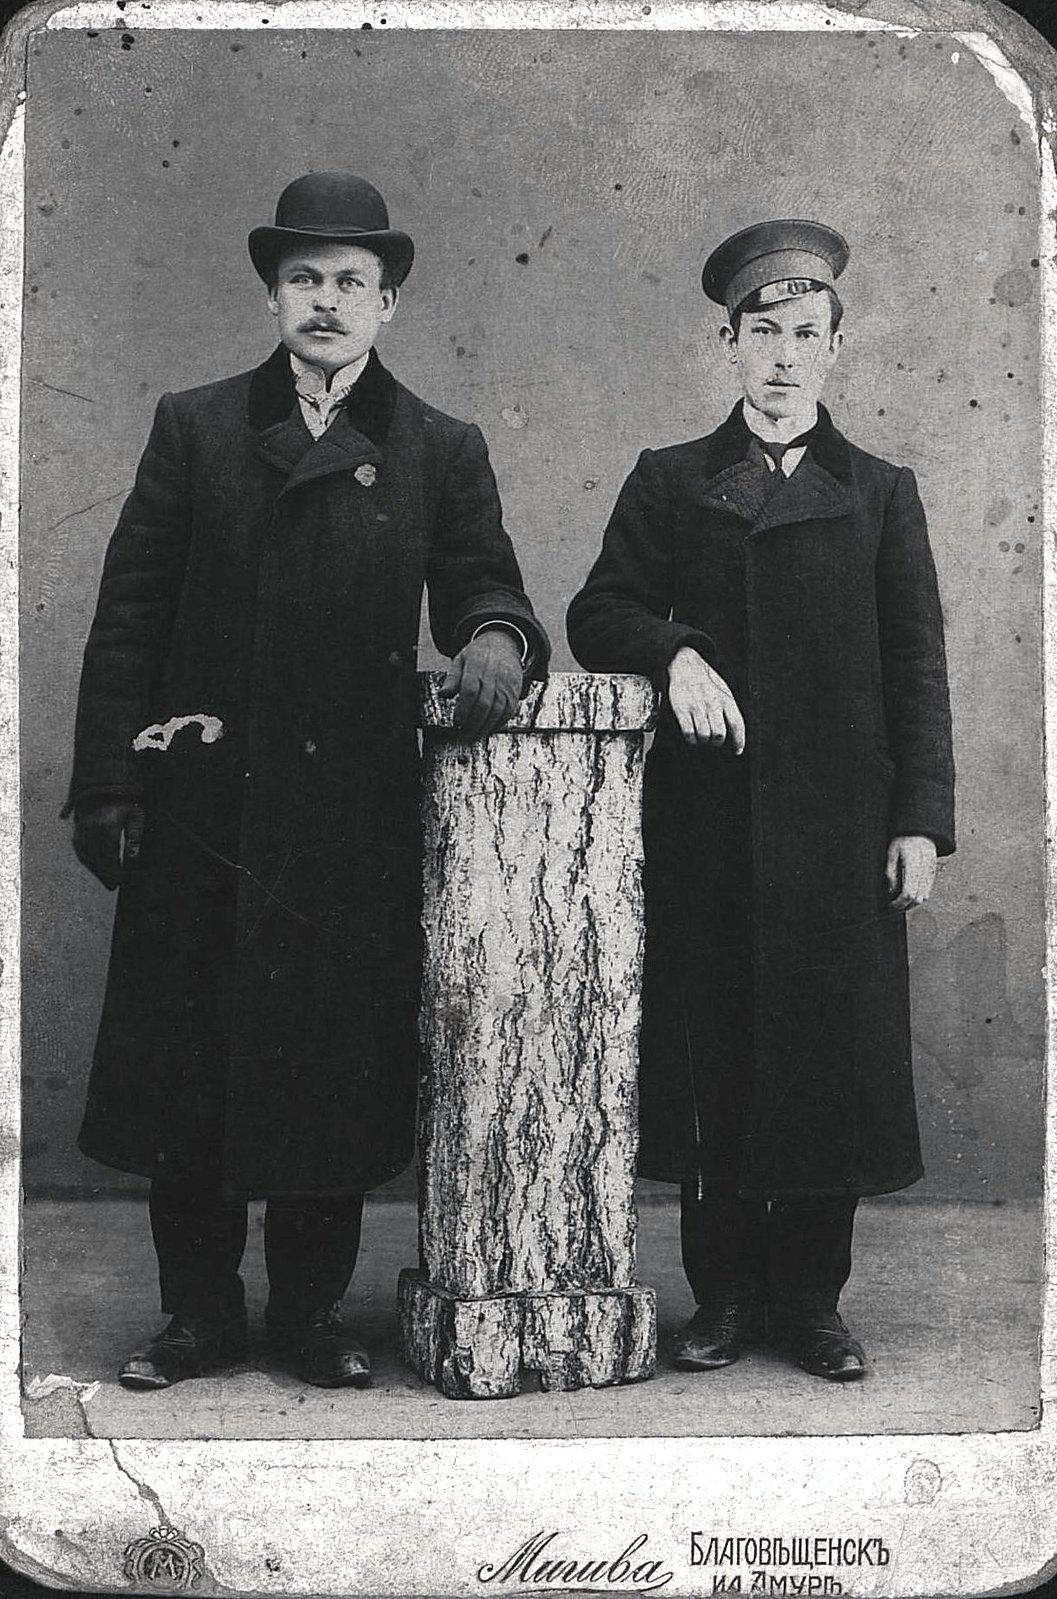 Карловский Николай Михайлович, служащий типографии газеты «Эхо», с товарищем. 1913